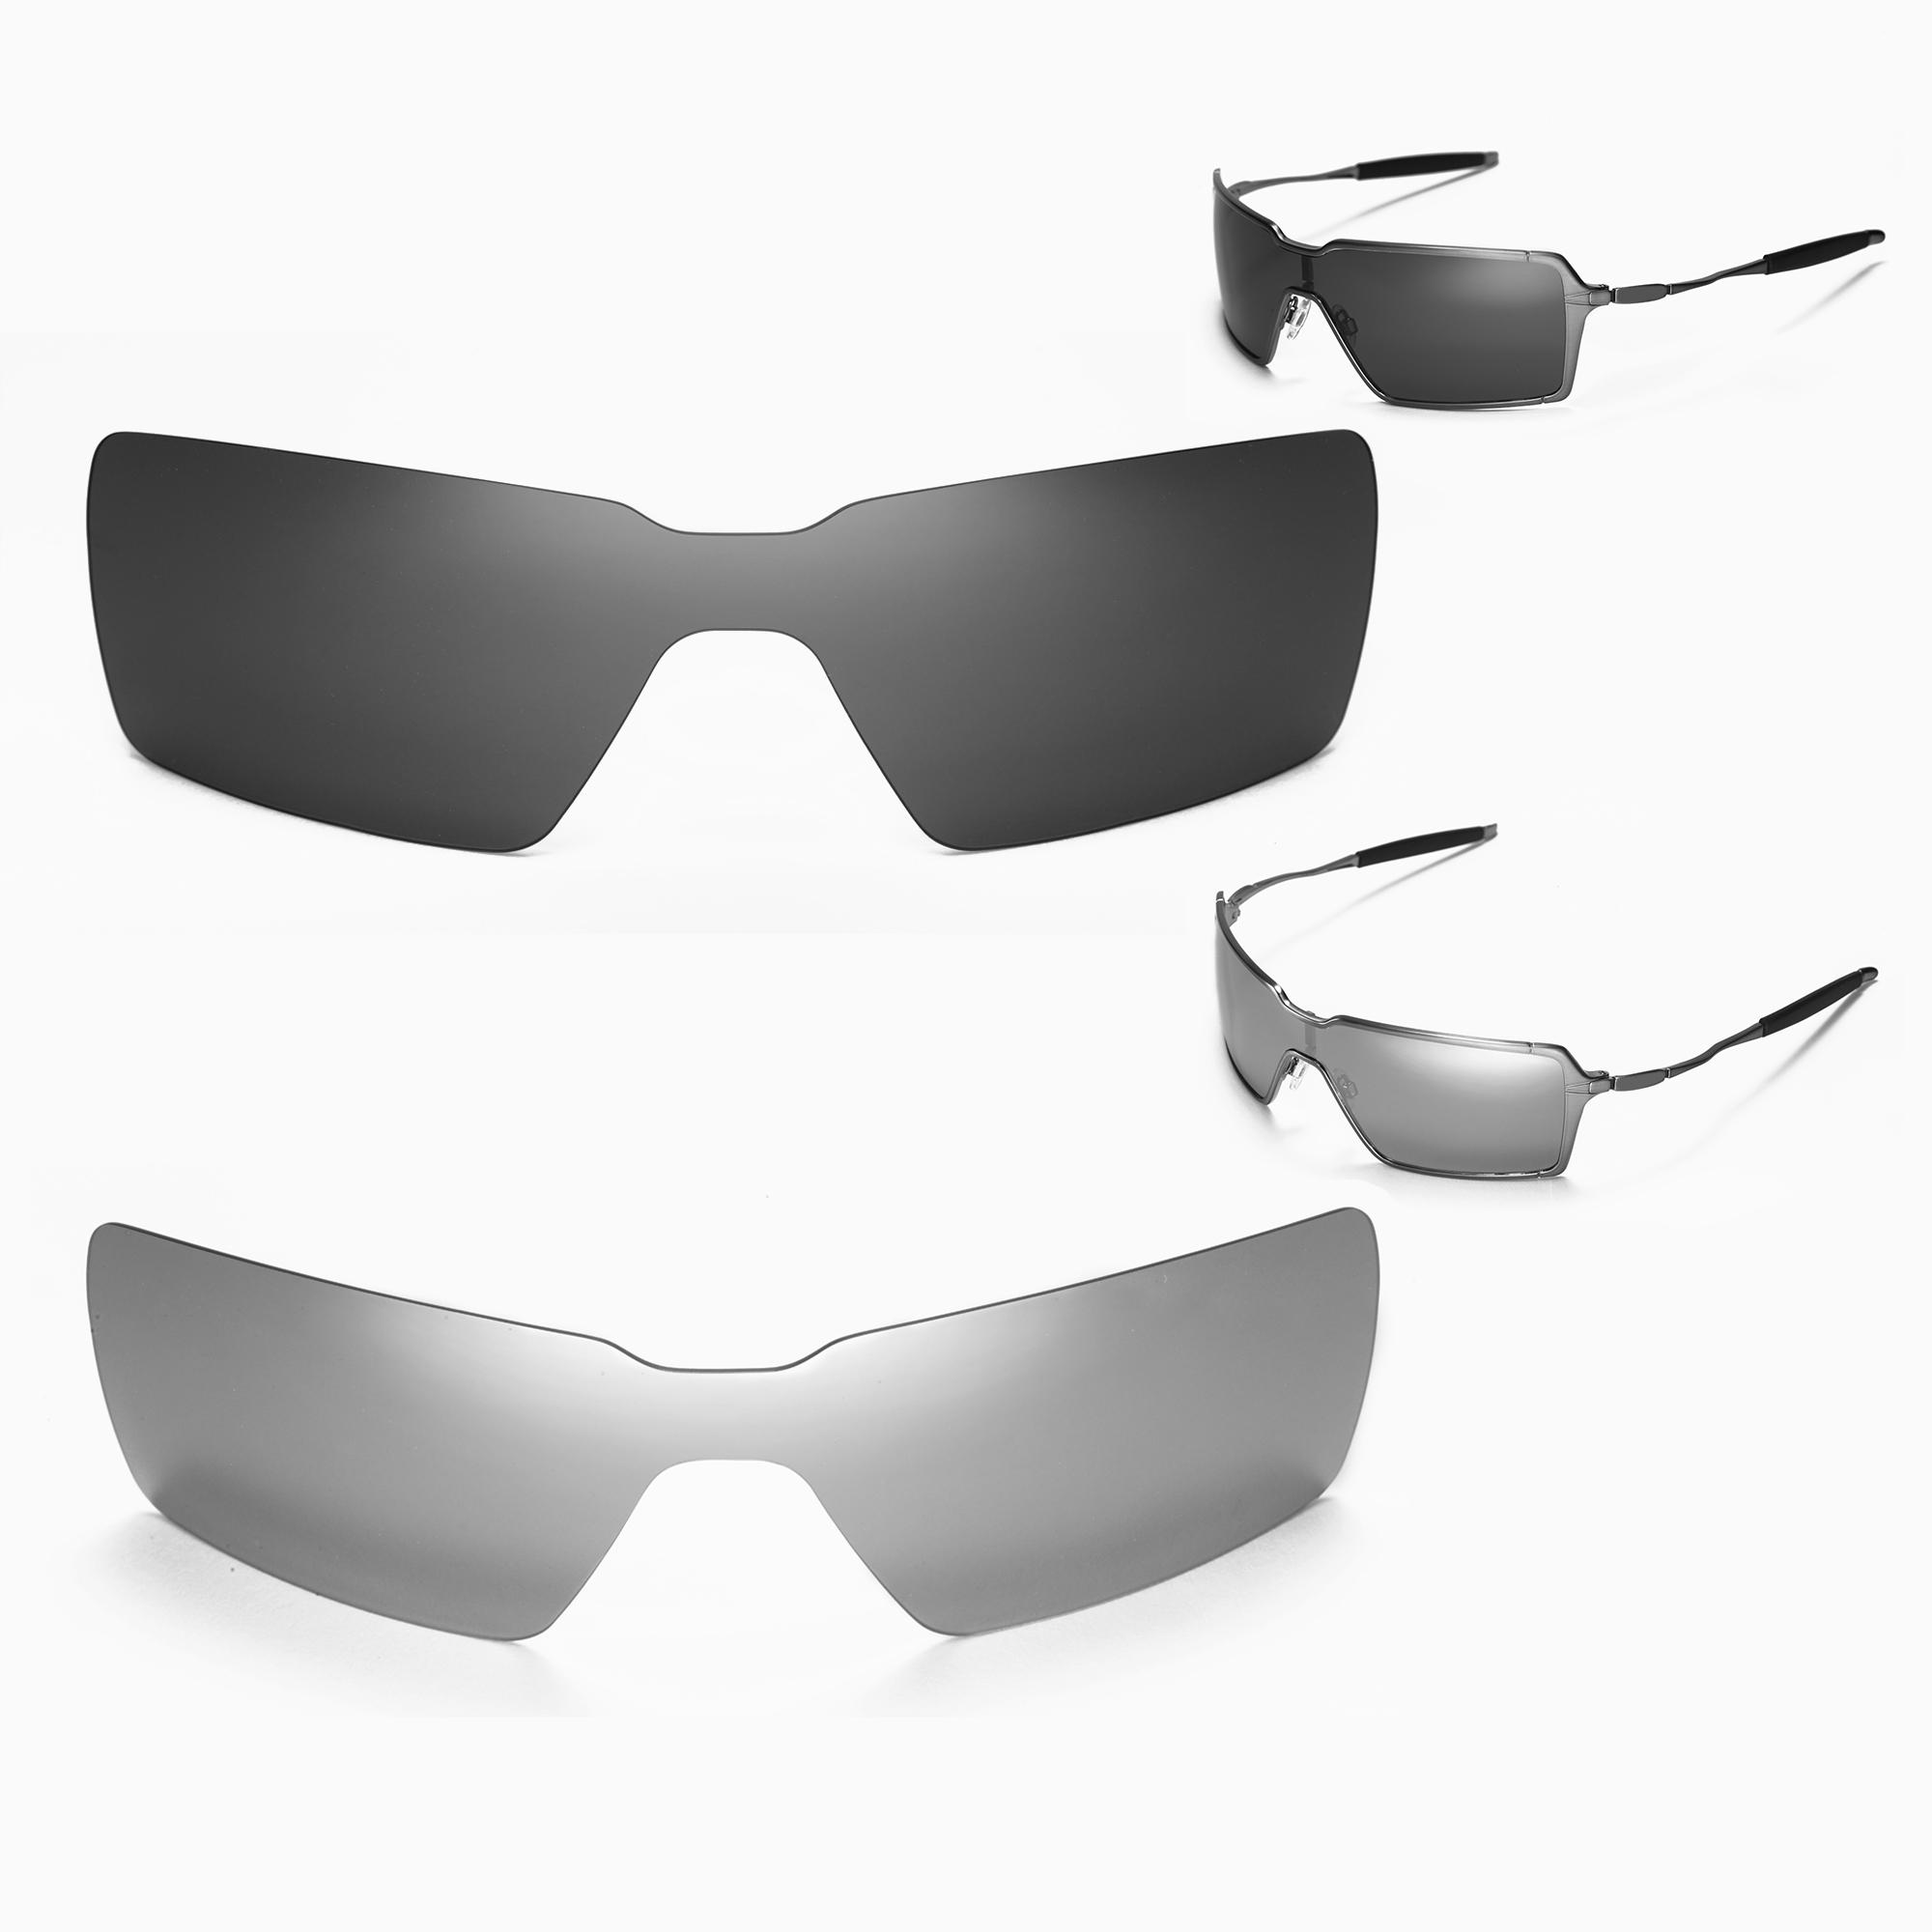 4093d4b80b61e Details about Walleva Polarized Black + Titanium Replacement Lenses for Oakley  Probation